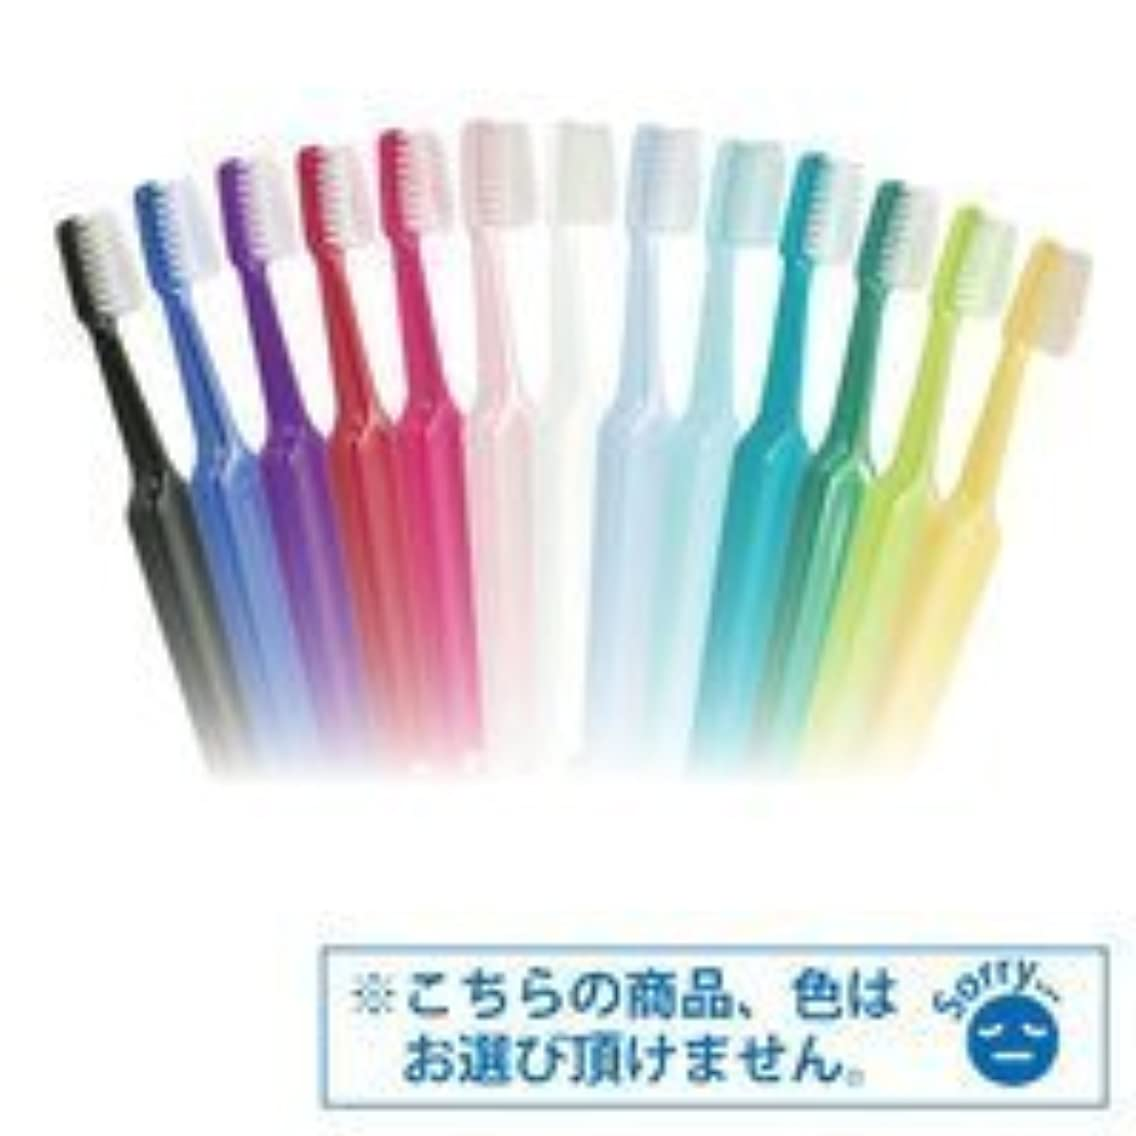 意志ピカリング体現するTepe歯ブラシ セレクトコンパクト/ミディアム 25本/箱